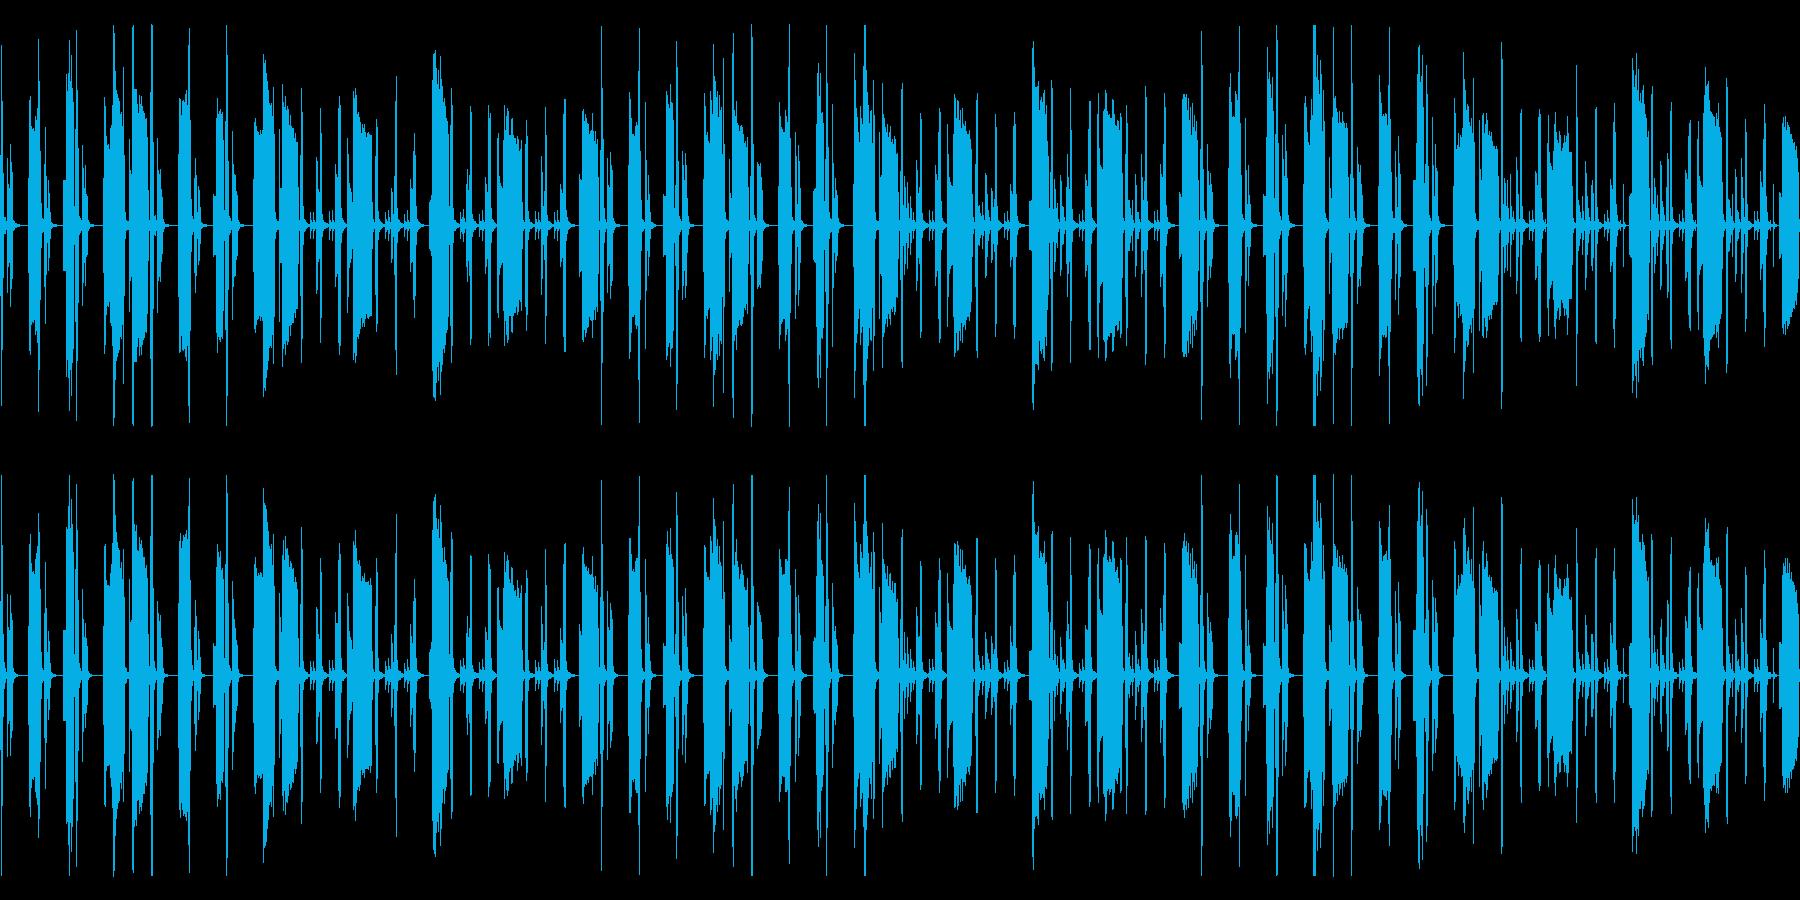 【ループ版】YouTube エレピの再生済みの波形